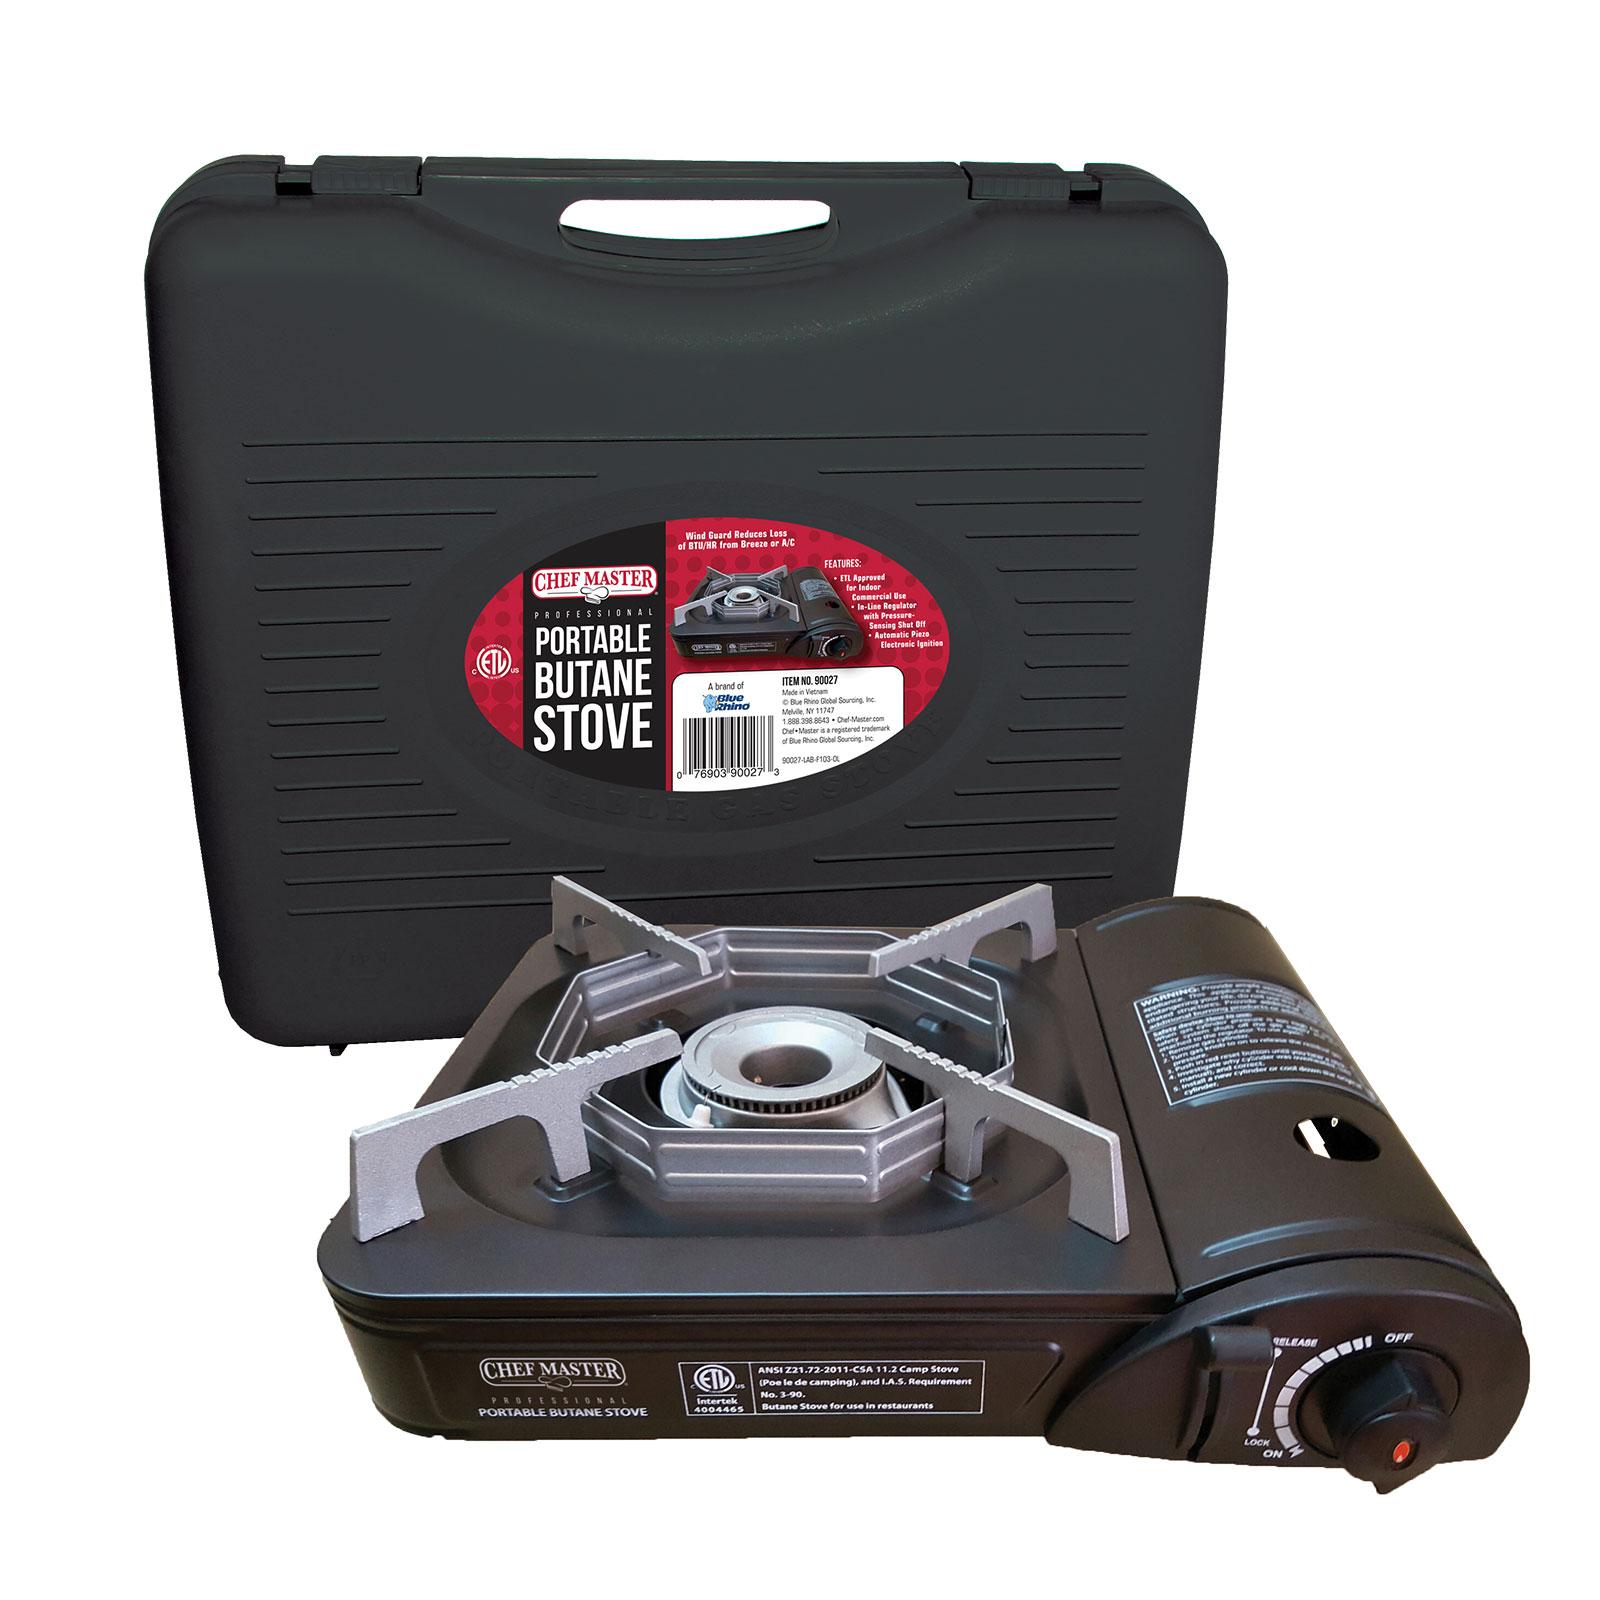 2850-91 Chef Master 90027 butane stove